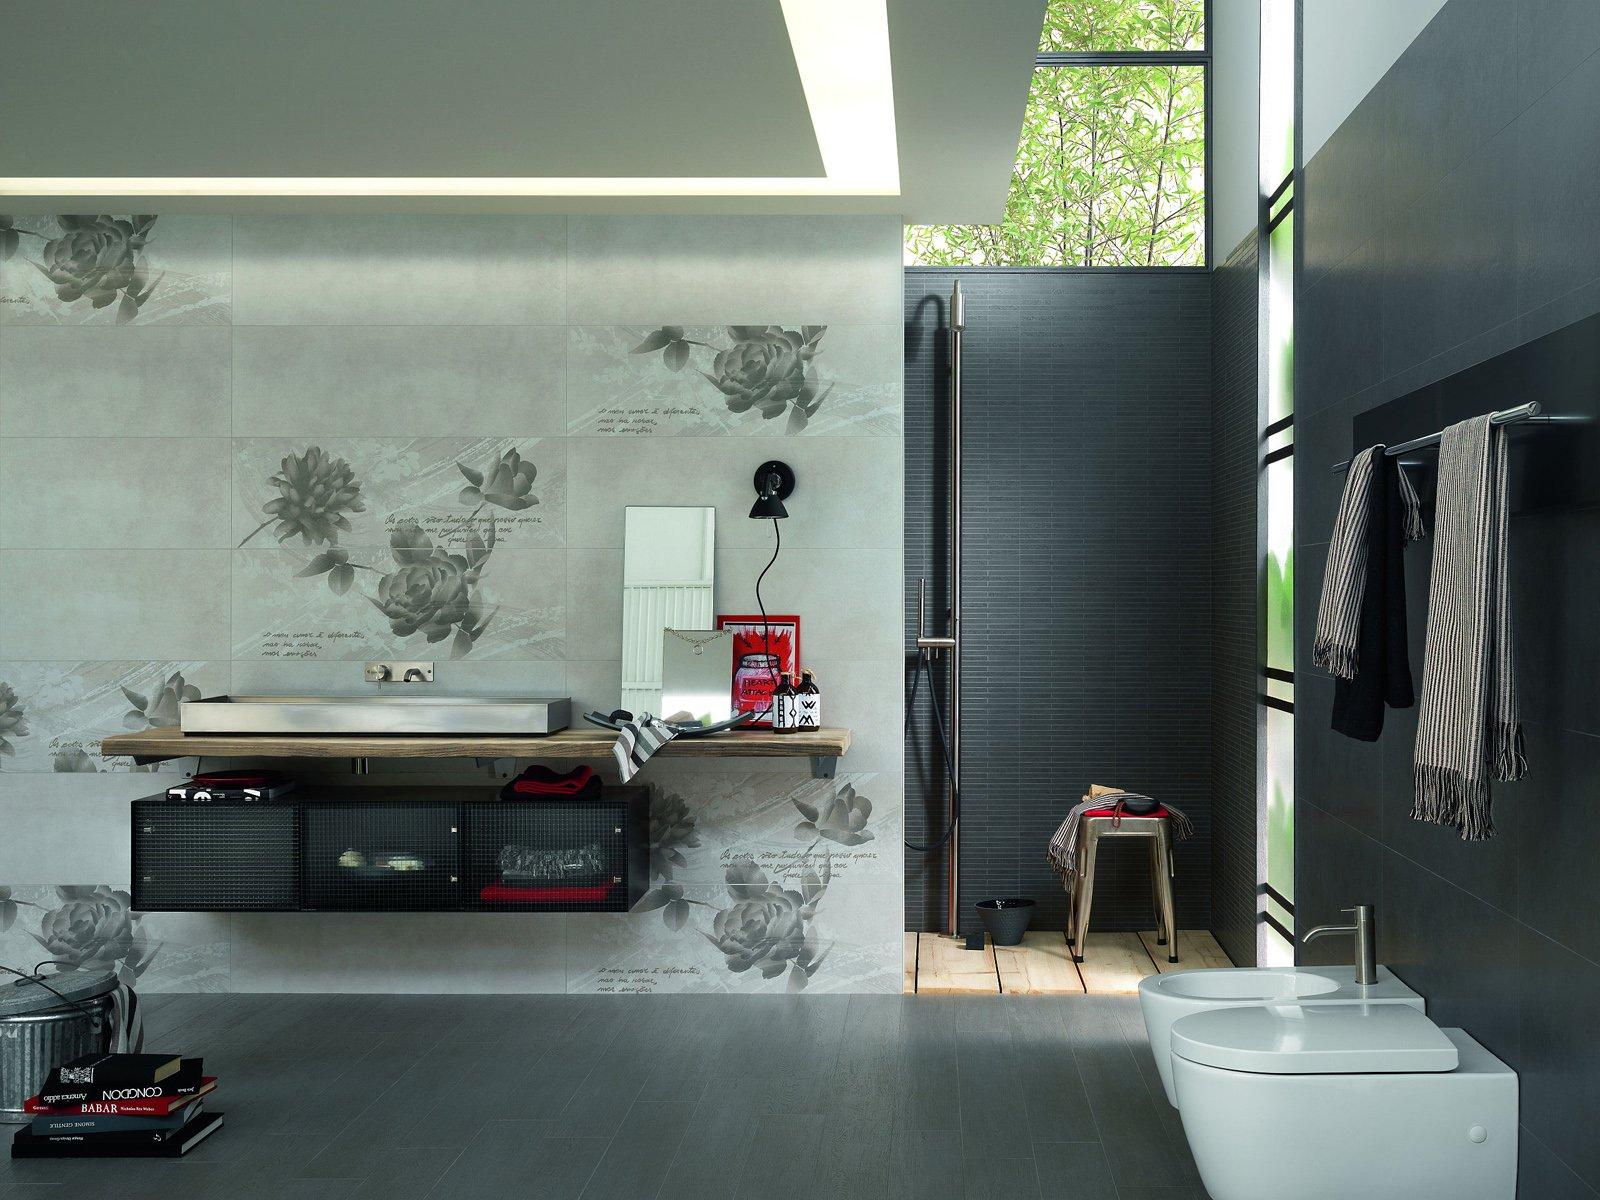 rivestono le pareti del bagno sono in monocottura in pasta bianca con ...